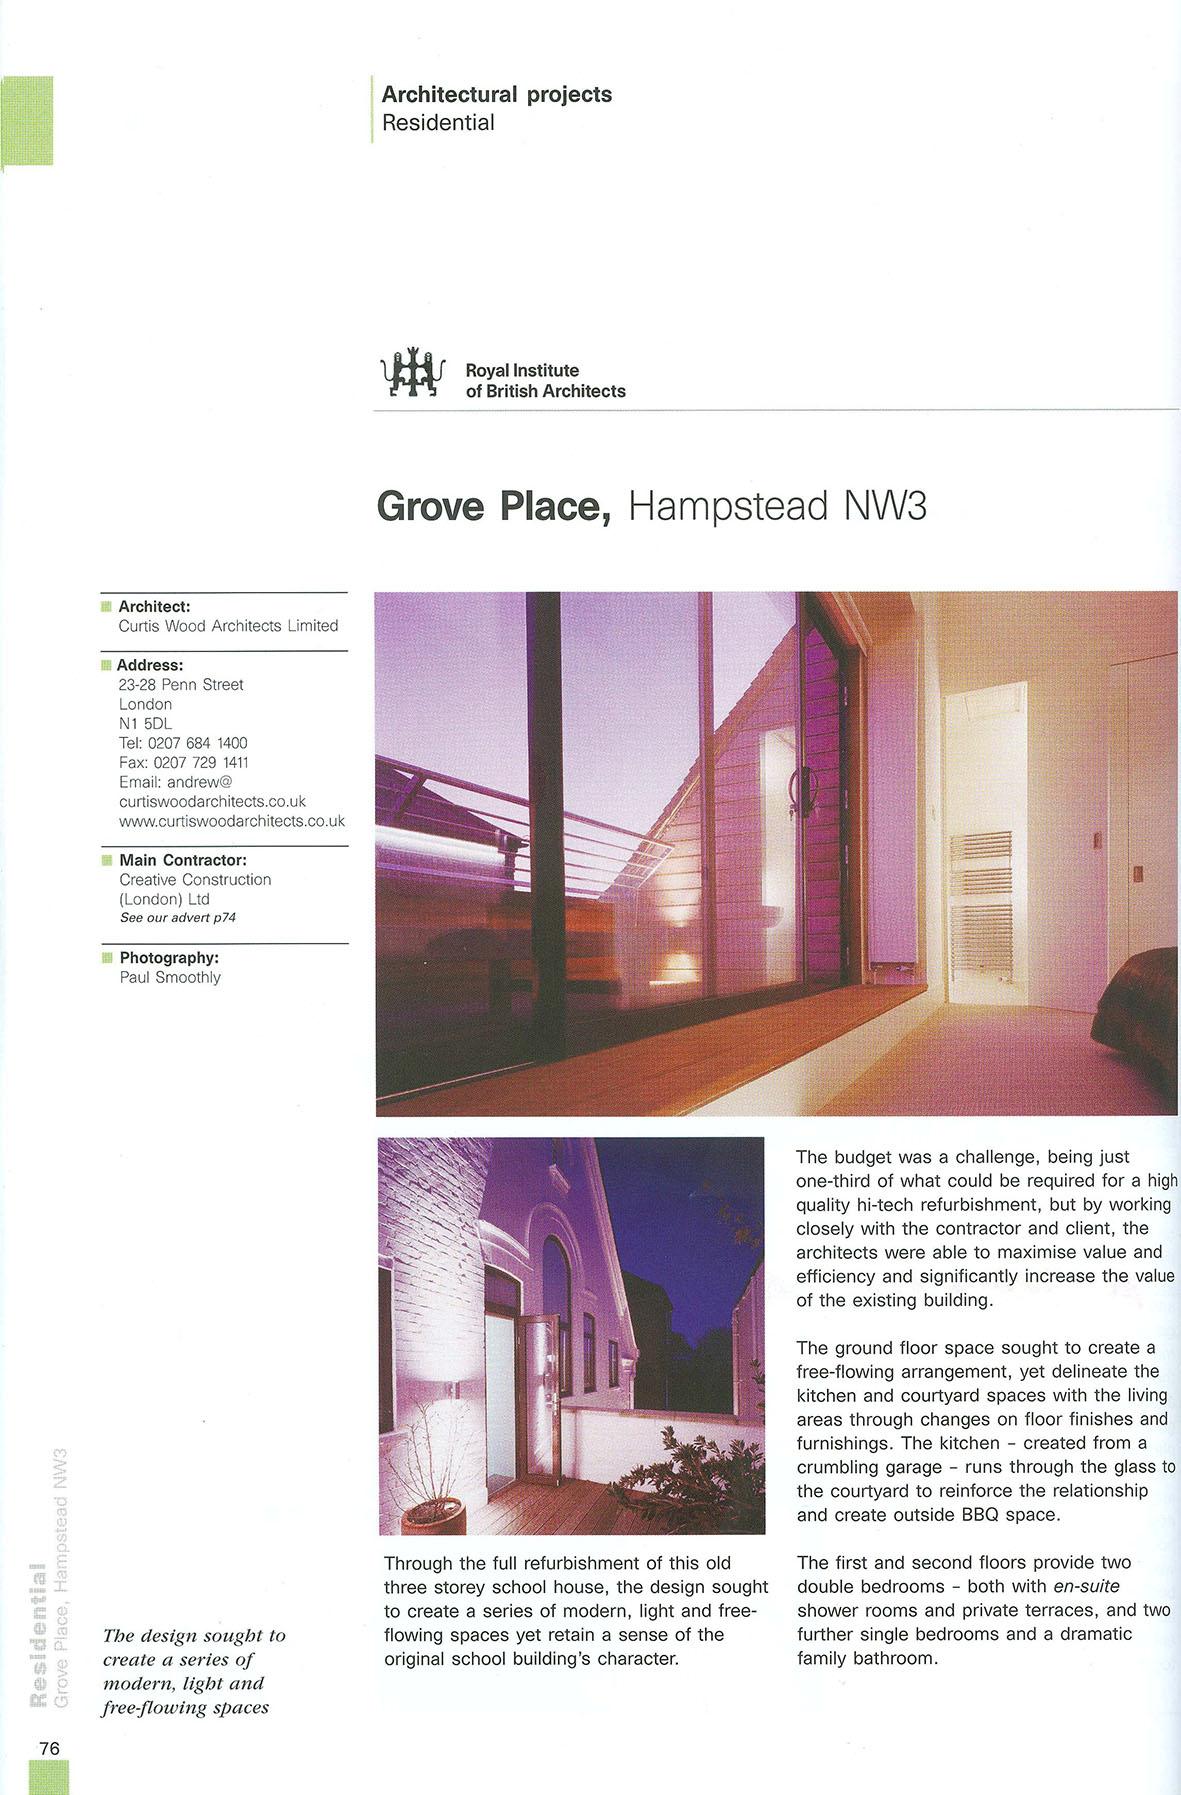 RIBA Yearbook 2007